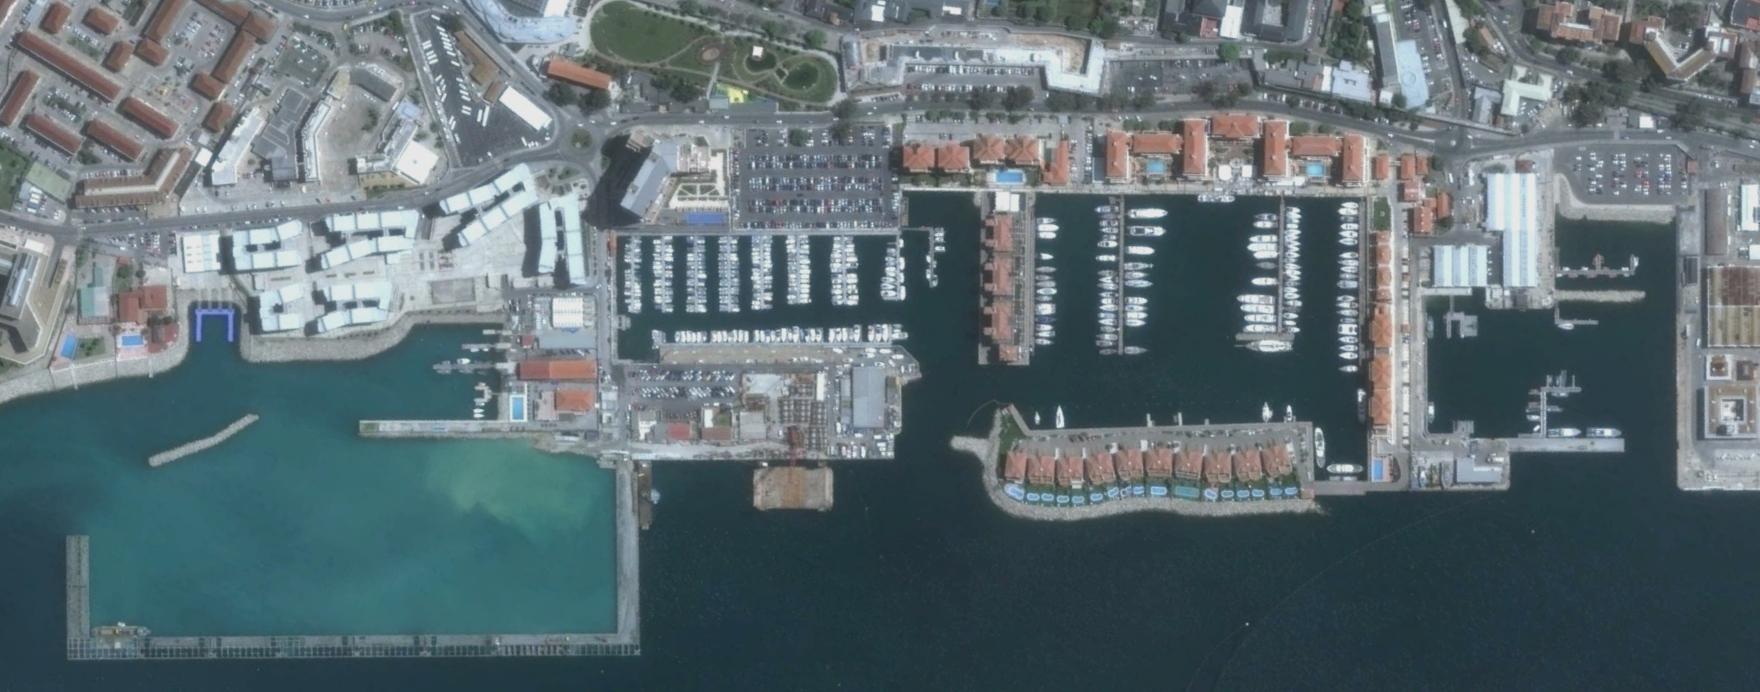 gibraltar, reino unido, they see me trollin, después, urbanismo, planeamiento, urbano, desastre, urbanístico, construcción, rotondas, carretera